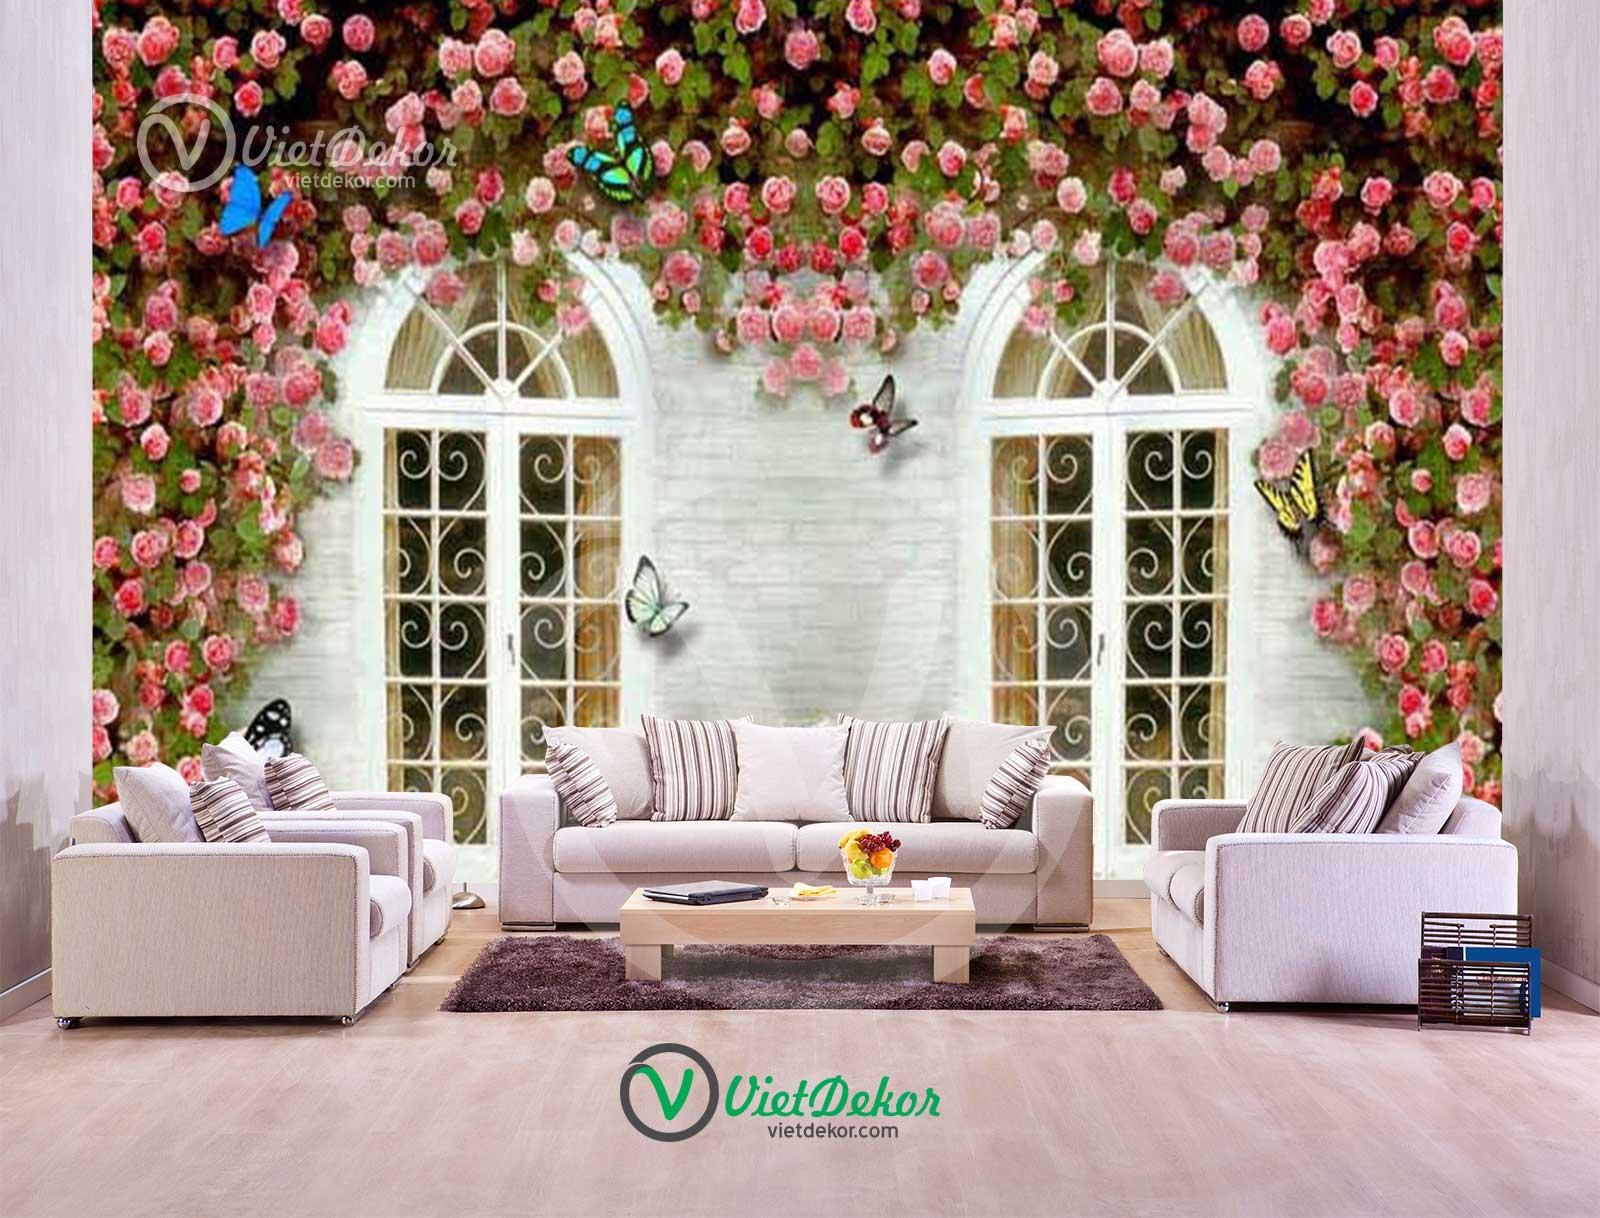 Tranh dán tường 3d cửa sổ hoa lãng mạn